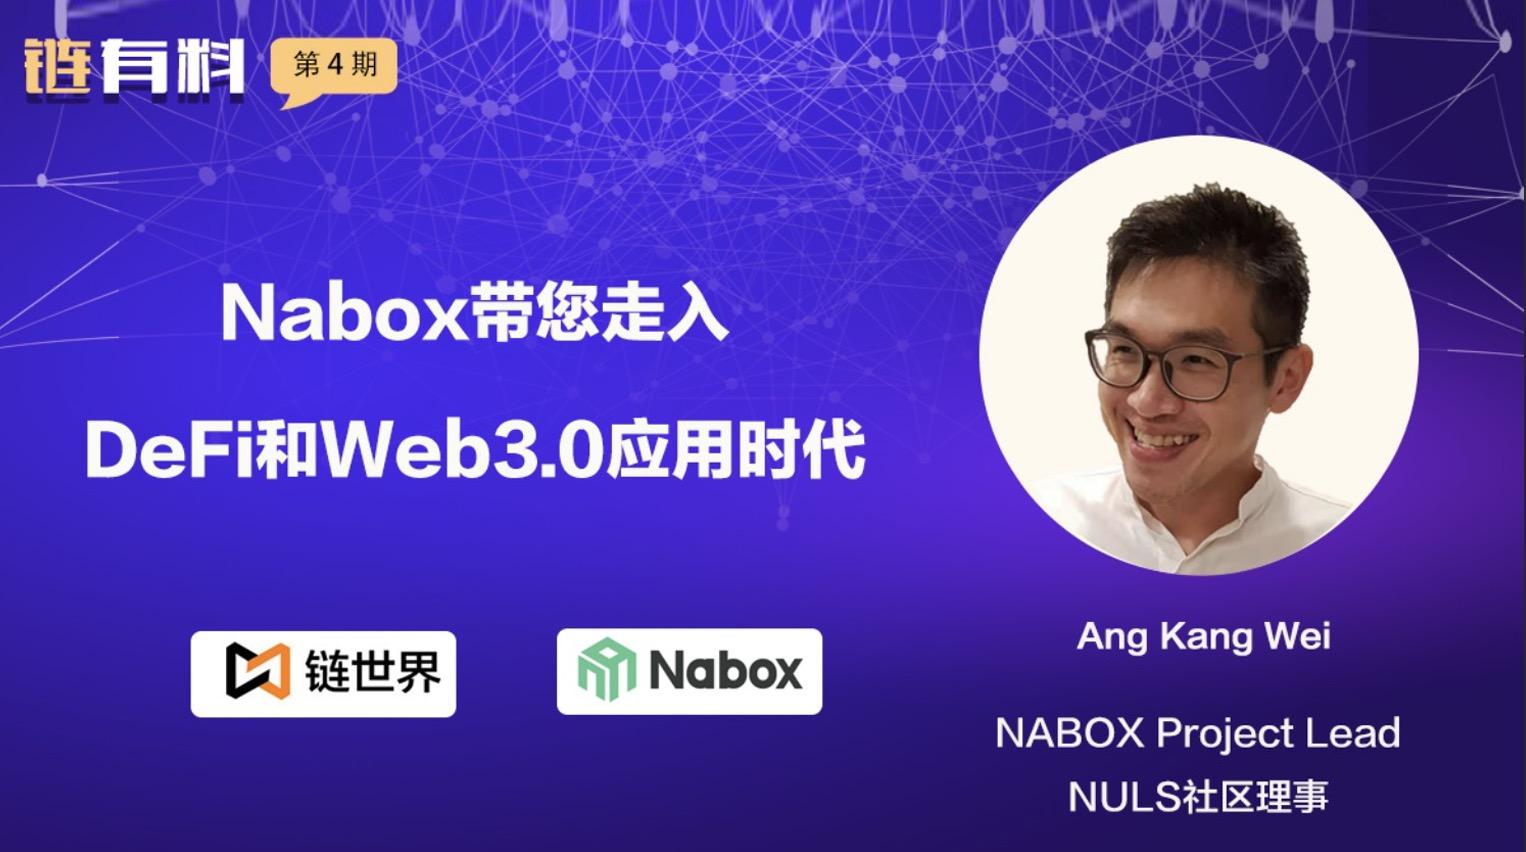 链世界AMA:Nabox带您走入DeFi和Web3.0应用时代